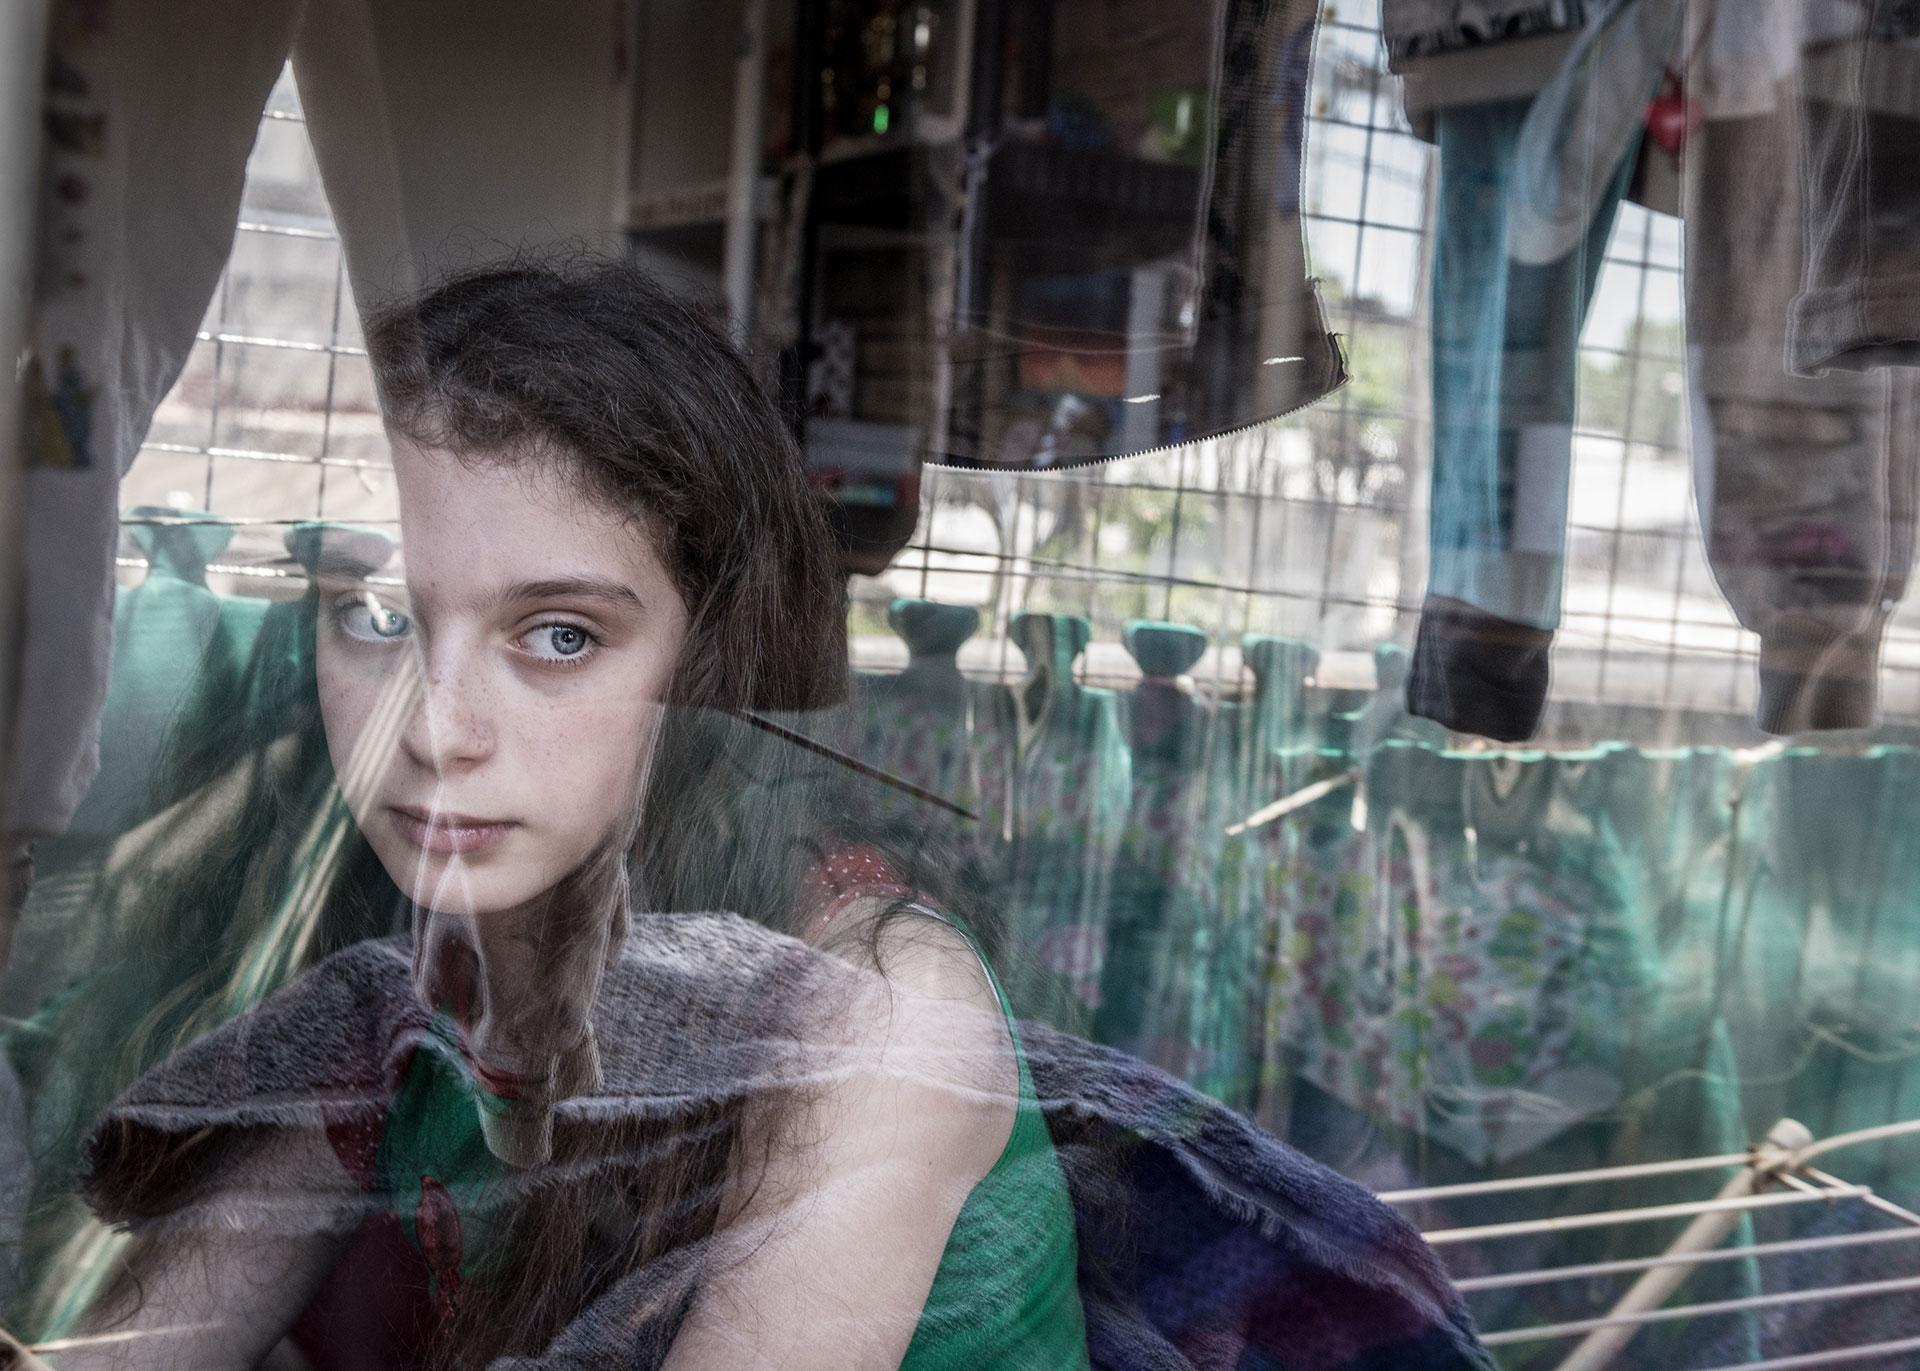 Rivka Schiller, de 11 años, en su casa. Su madre fue víctima de muchas amenazas de muerte por parte de su ex marido. Ella había presentado 45 quejas a la policía sin obtener ninguna protección También intentó estrangularla frente a sus hijas. Ellas viven en una especie de prisión.